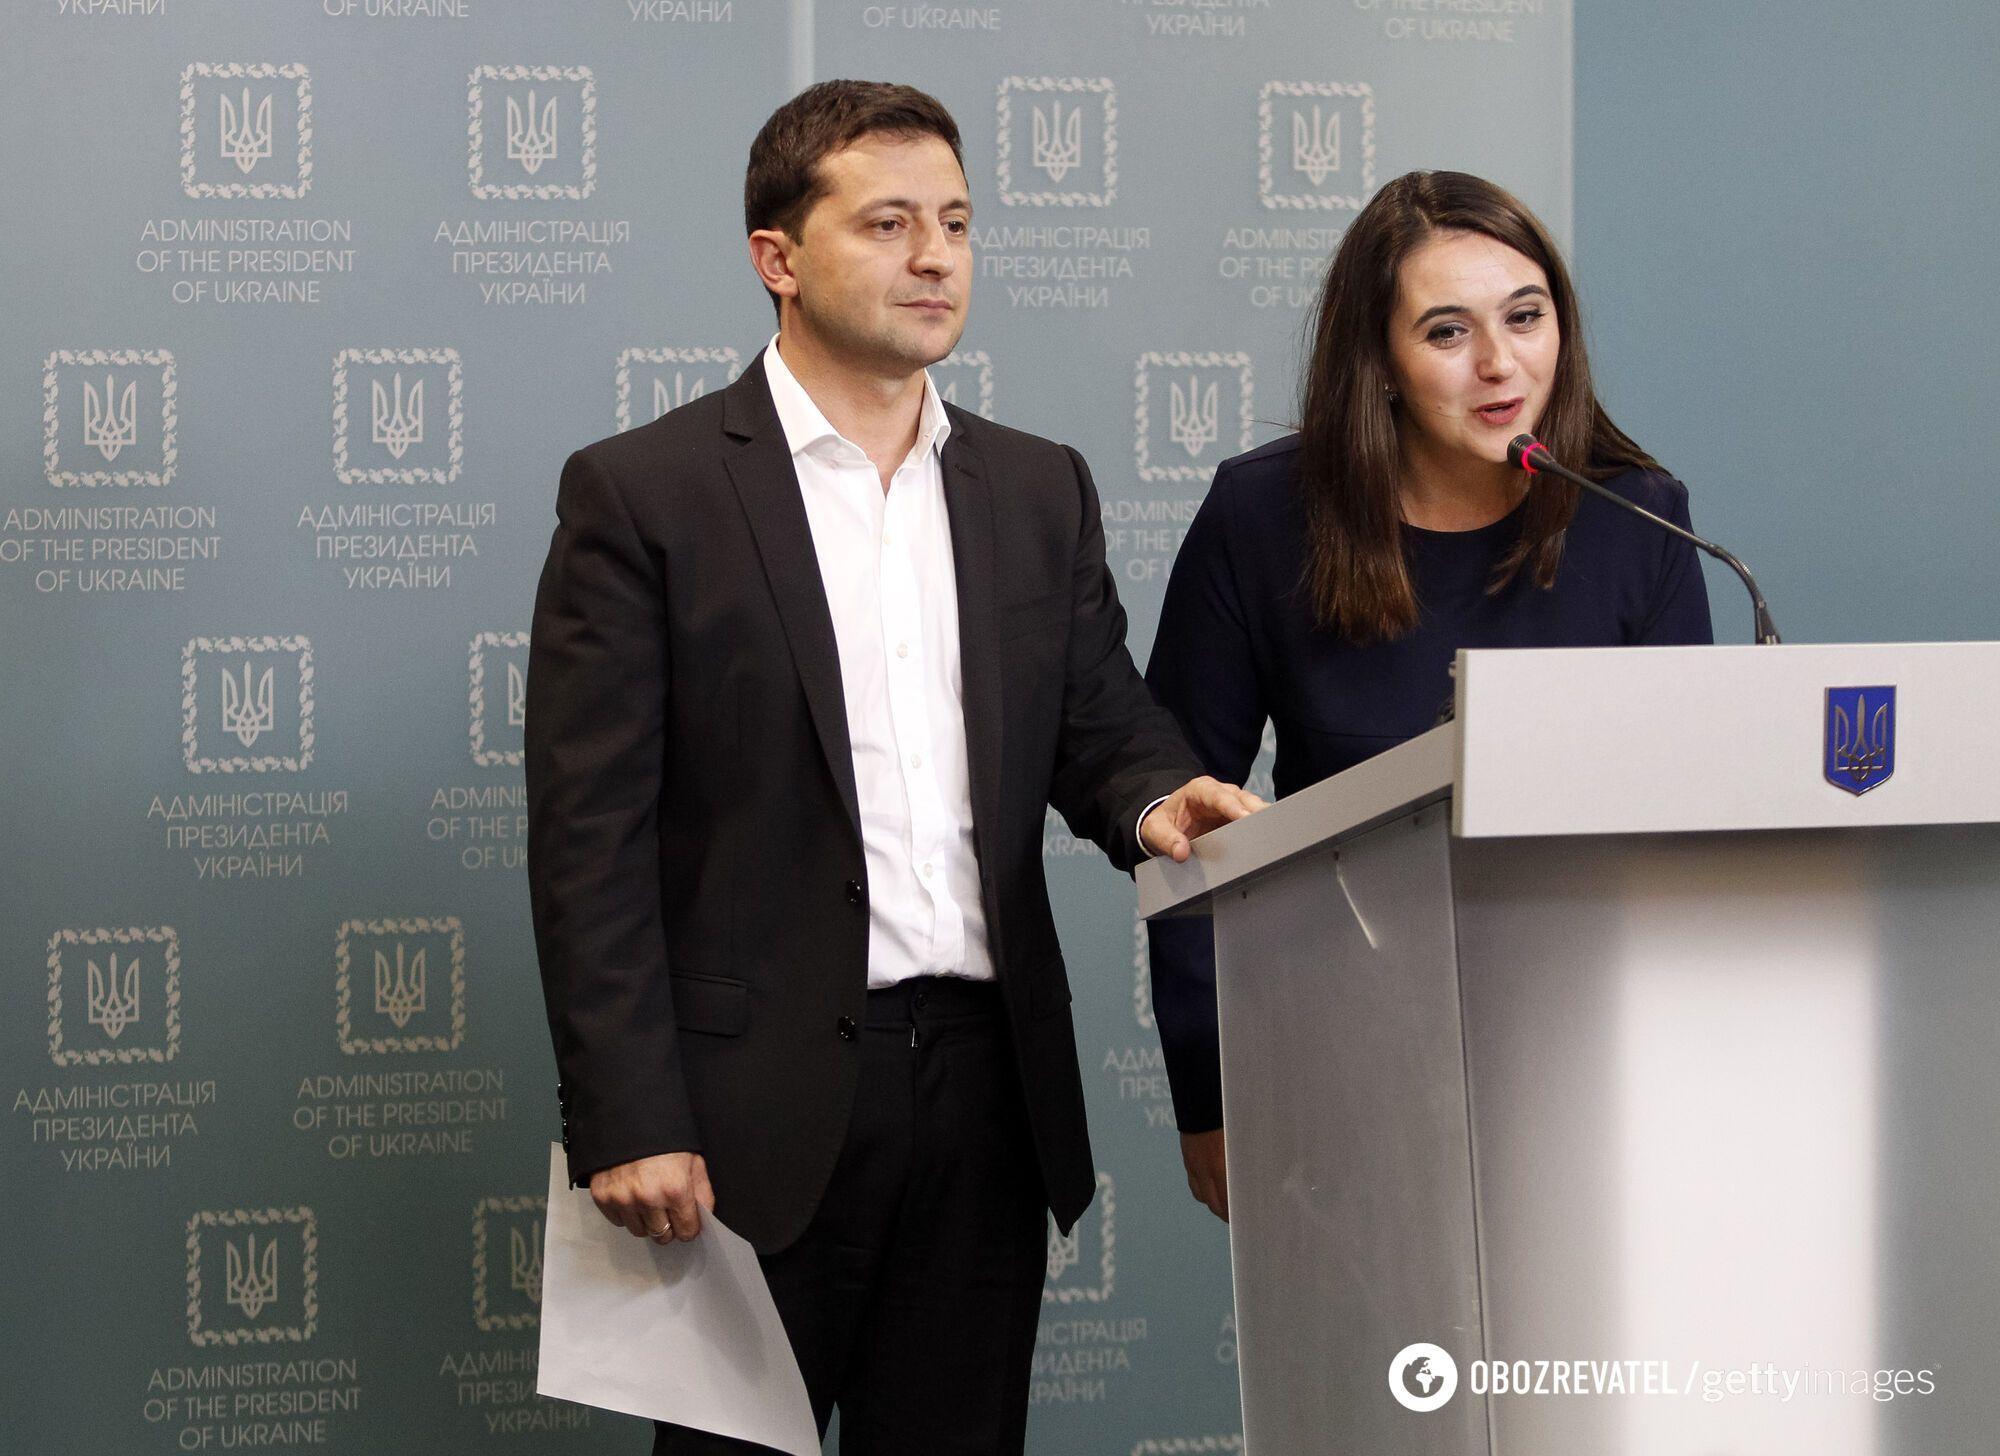 Мендель стала пресс-секретарем Зеленского с 3 июня 2019-го